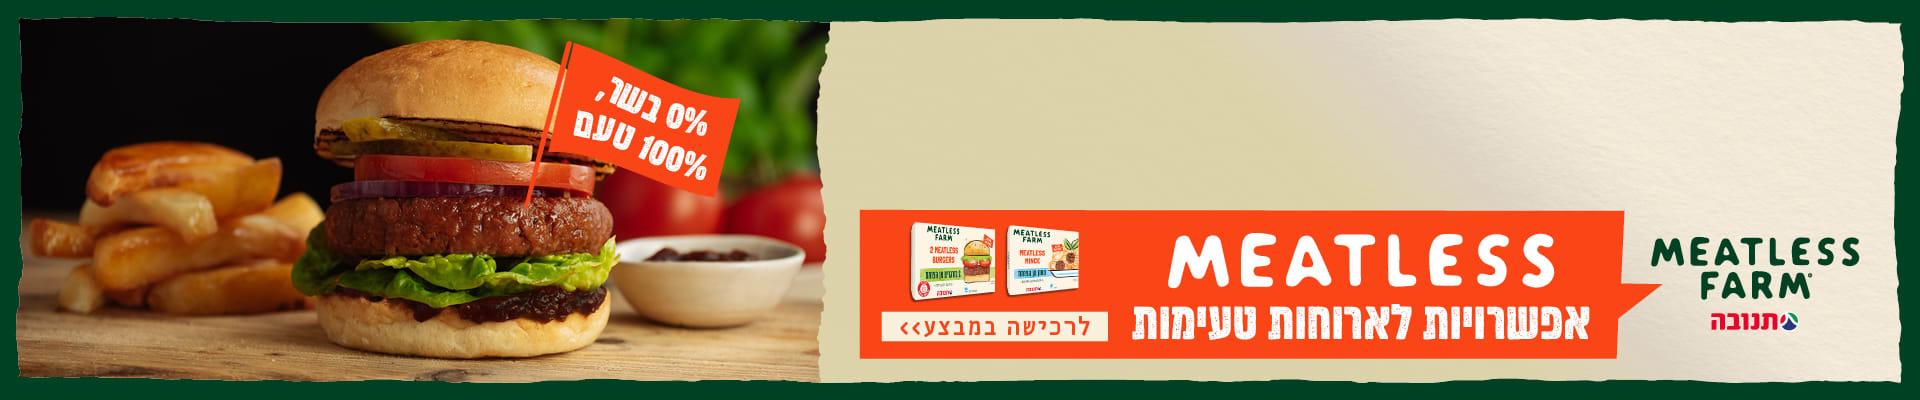 METLESS FARM תנובה ,EATLESS אפשרויות לארוחות טעימות לרכישה במבצע